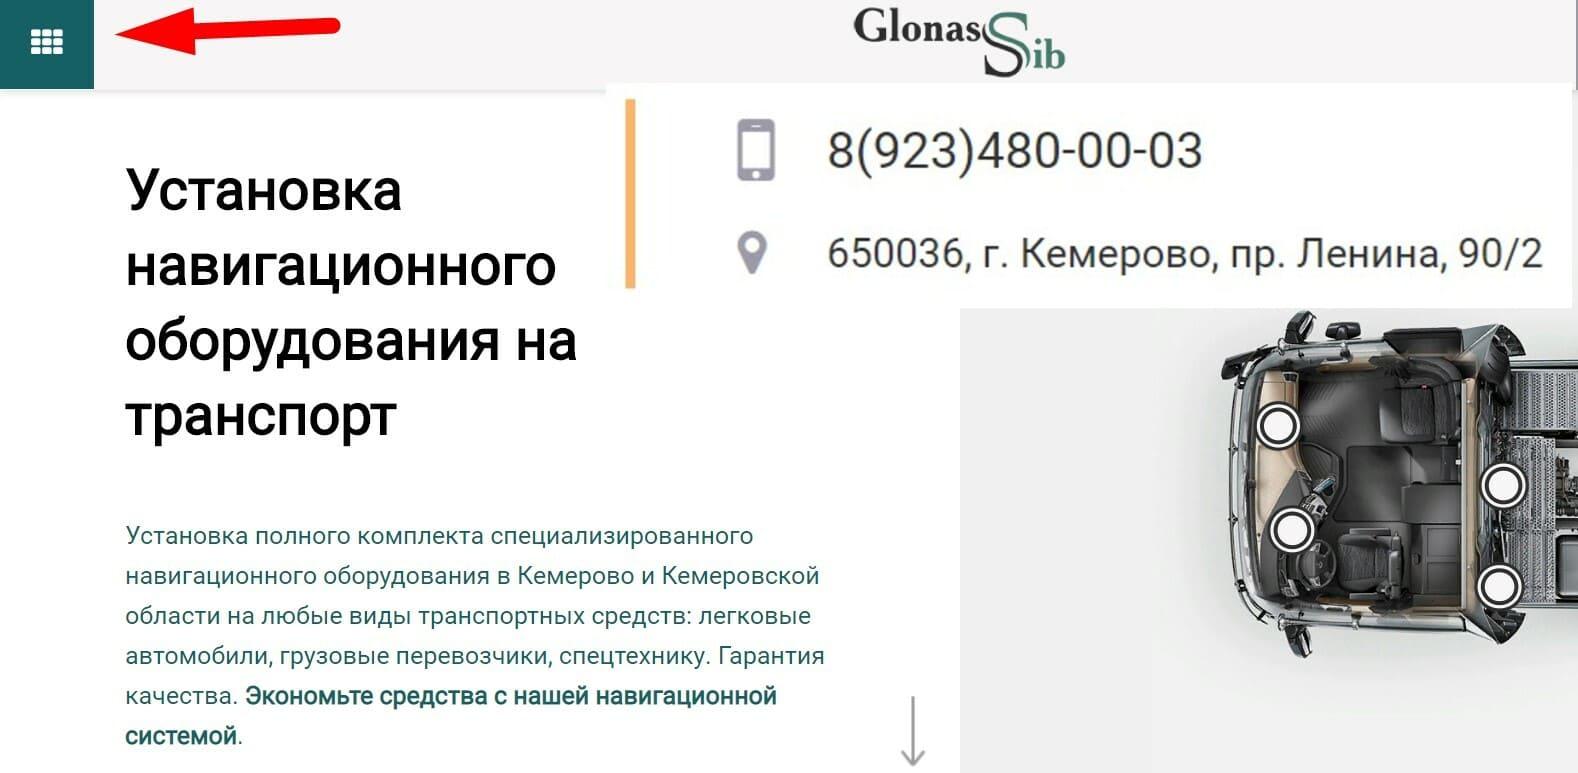 Гланас-сиб ру кабинет